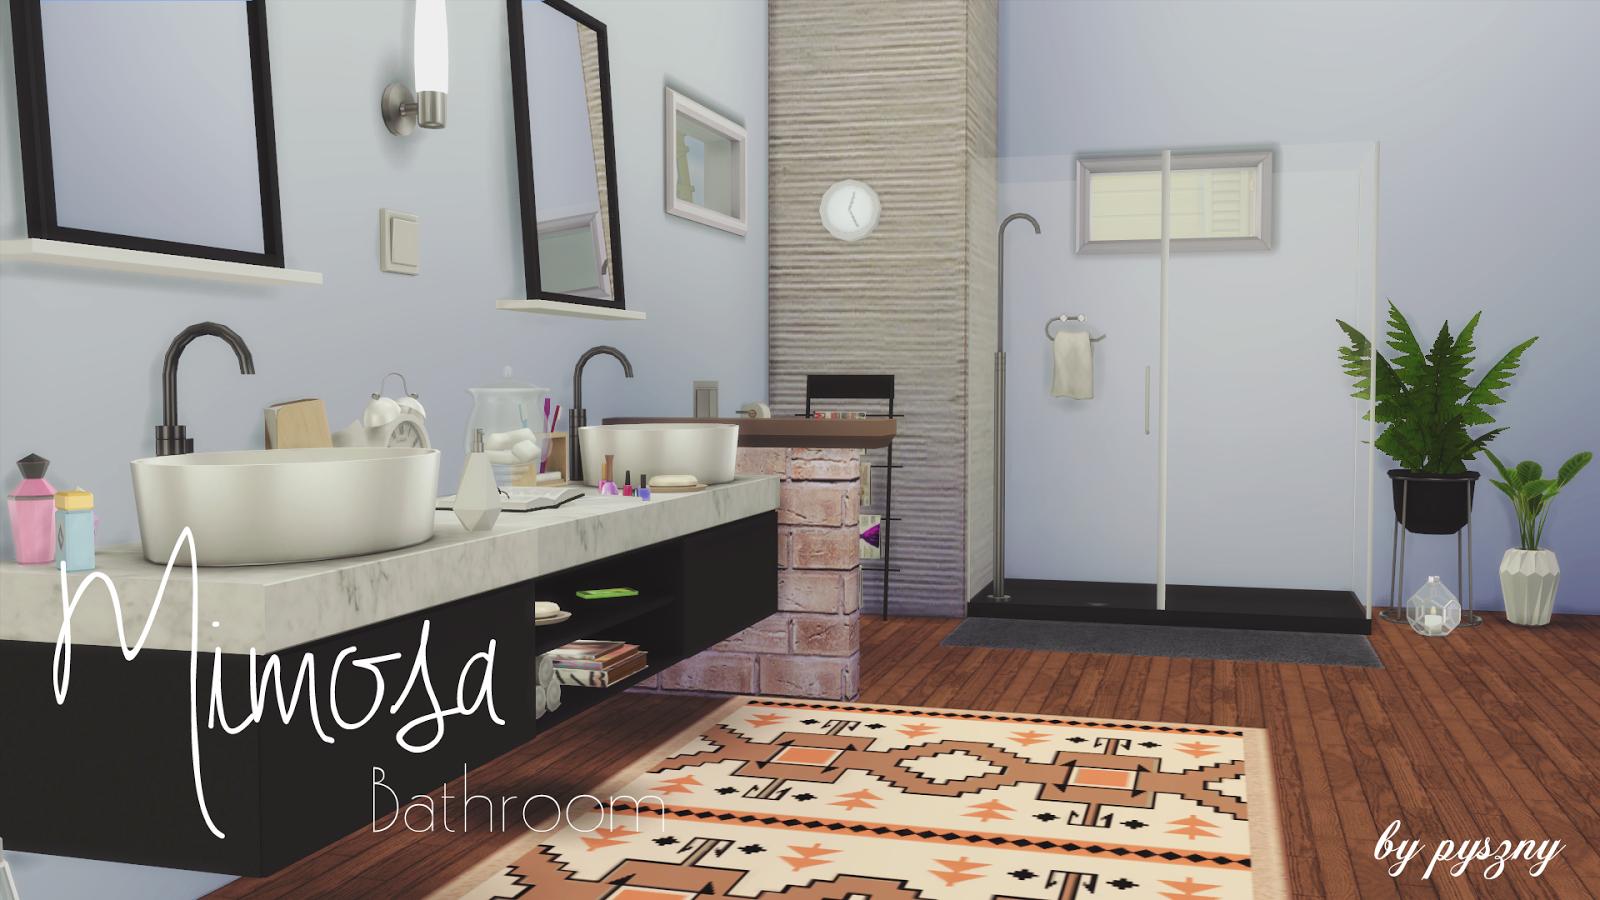 Mimosa Bathroom set! on dy design, er design, l.a. design, pi design, dj design, color design, ns design, setzer design, blue sky design, berserk design,